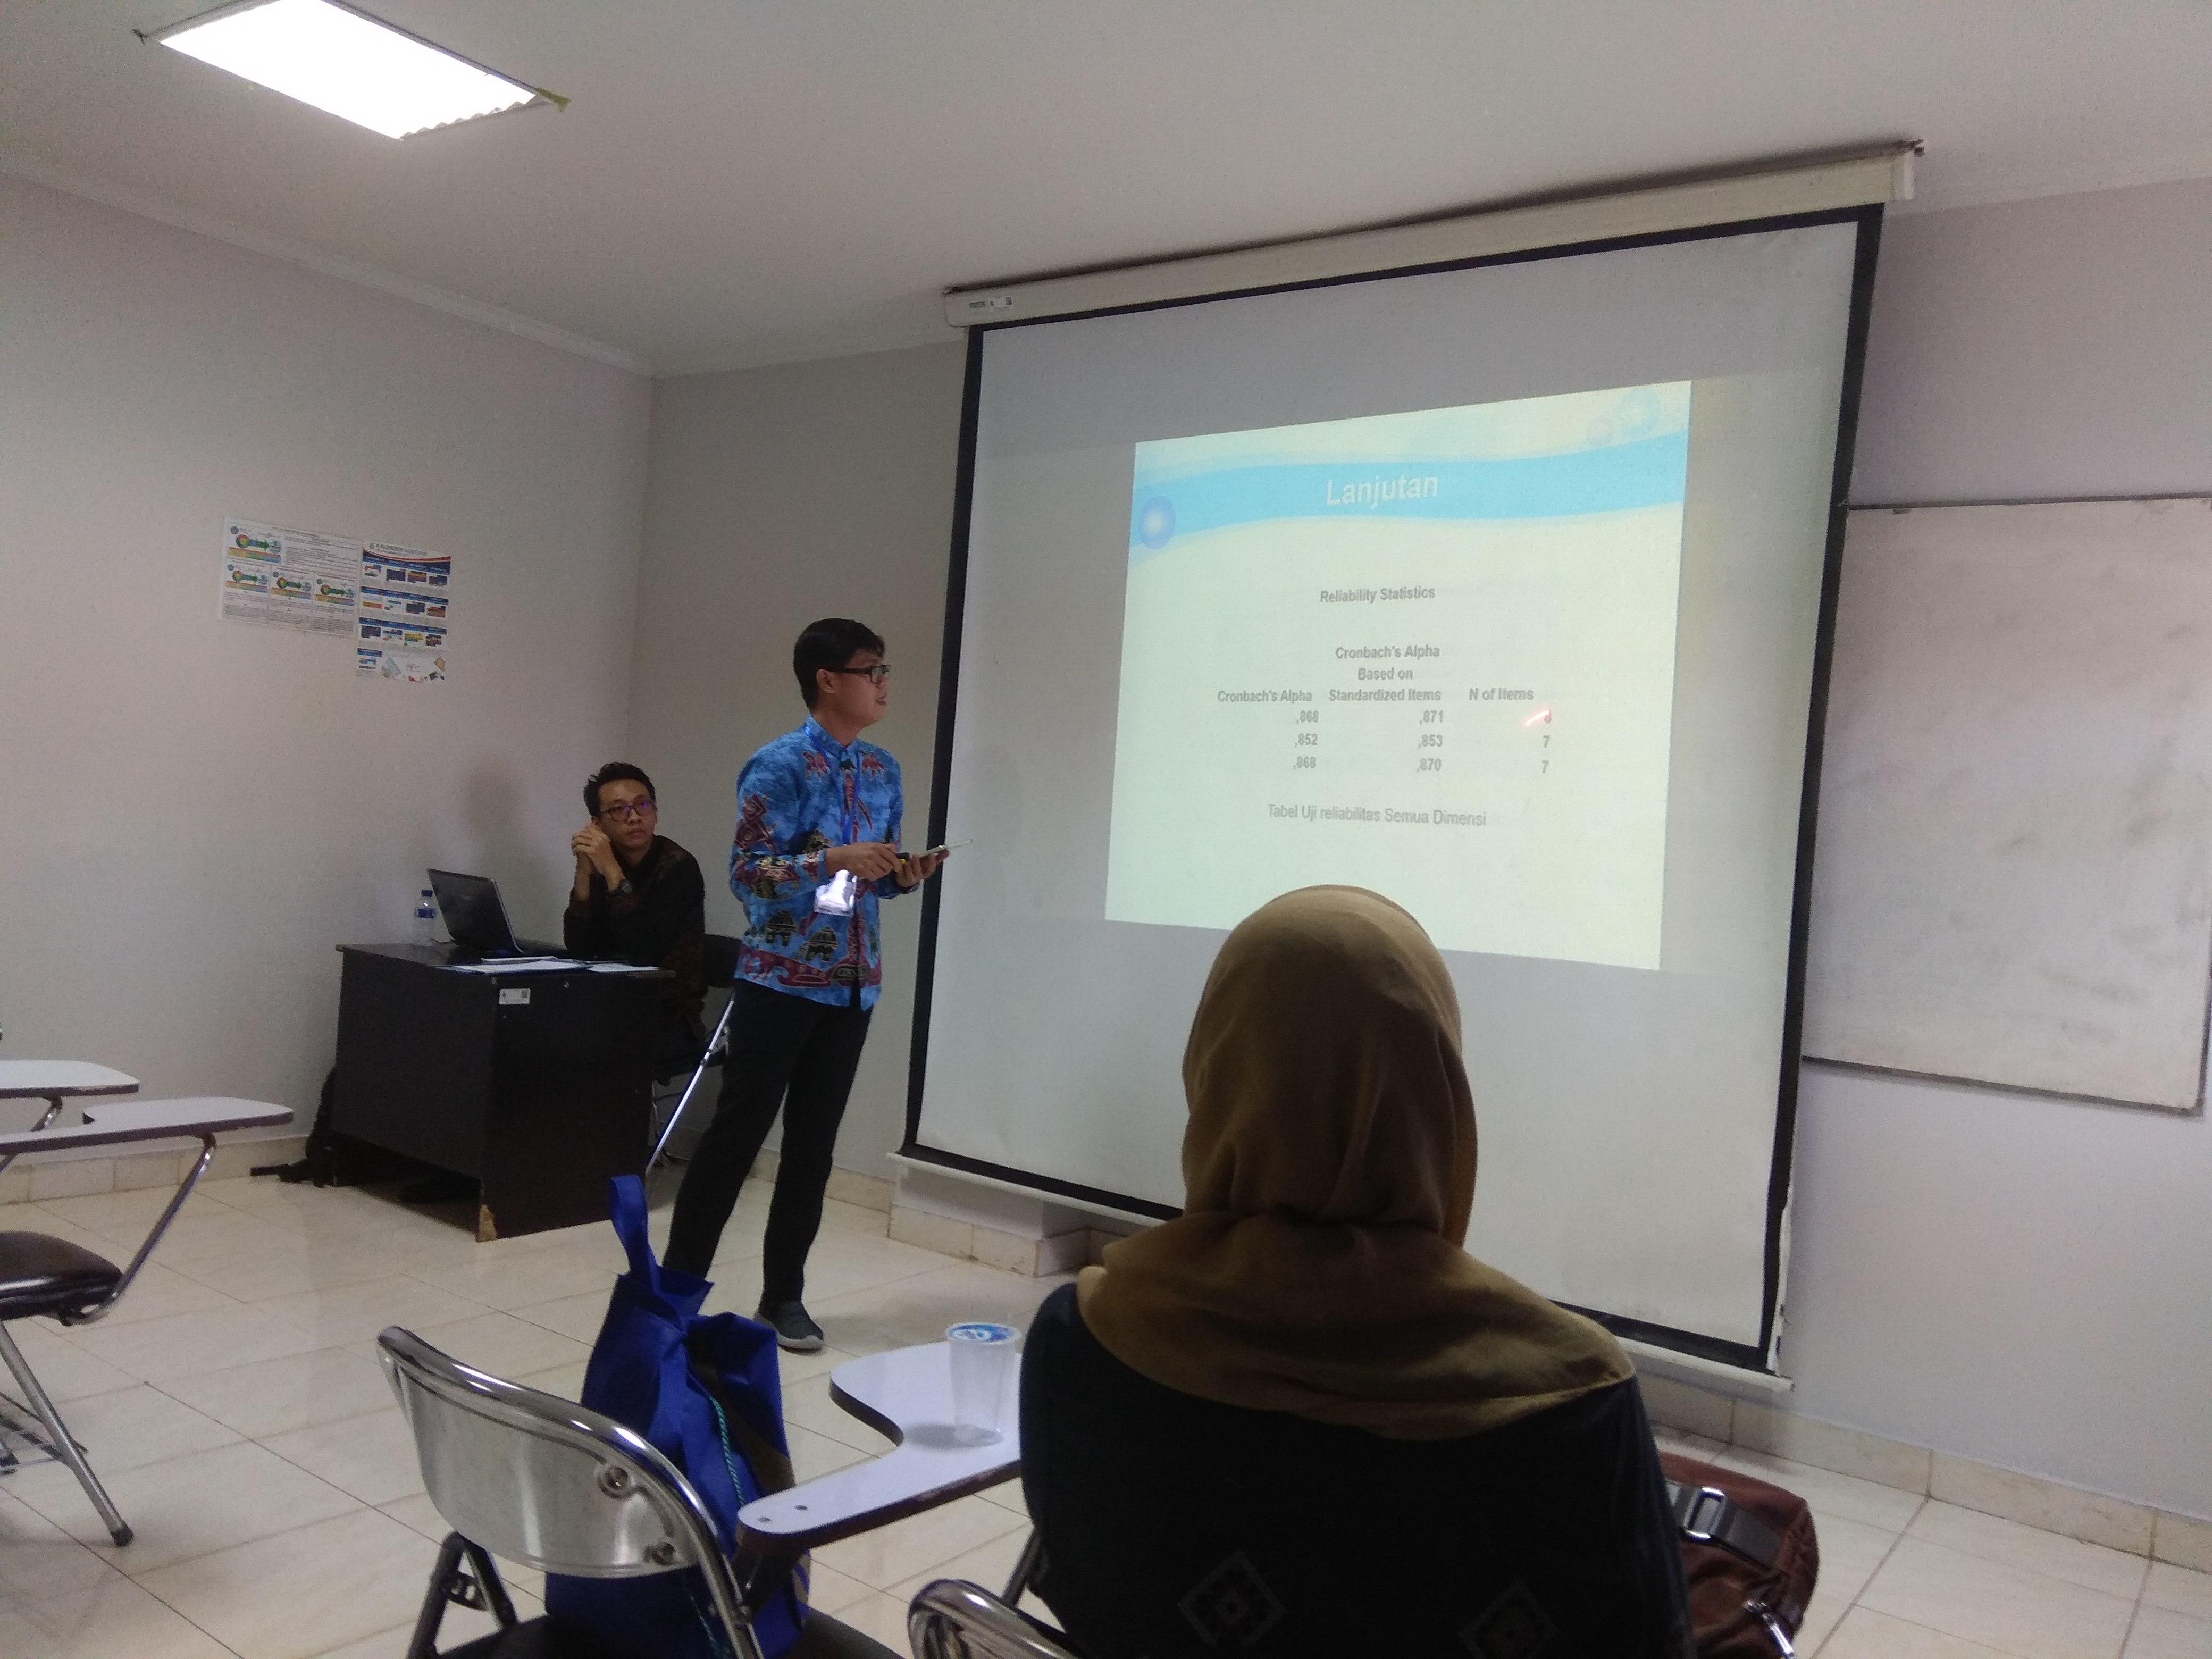 <p>Presentasi Seminar dalam kegiatan KNS&I di STIKOM Bali 10 Agustus 2017</p>